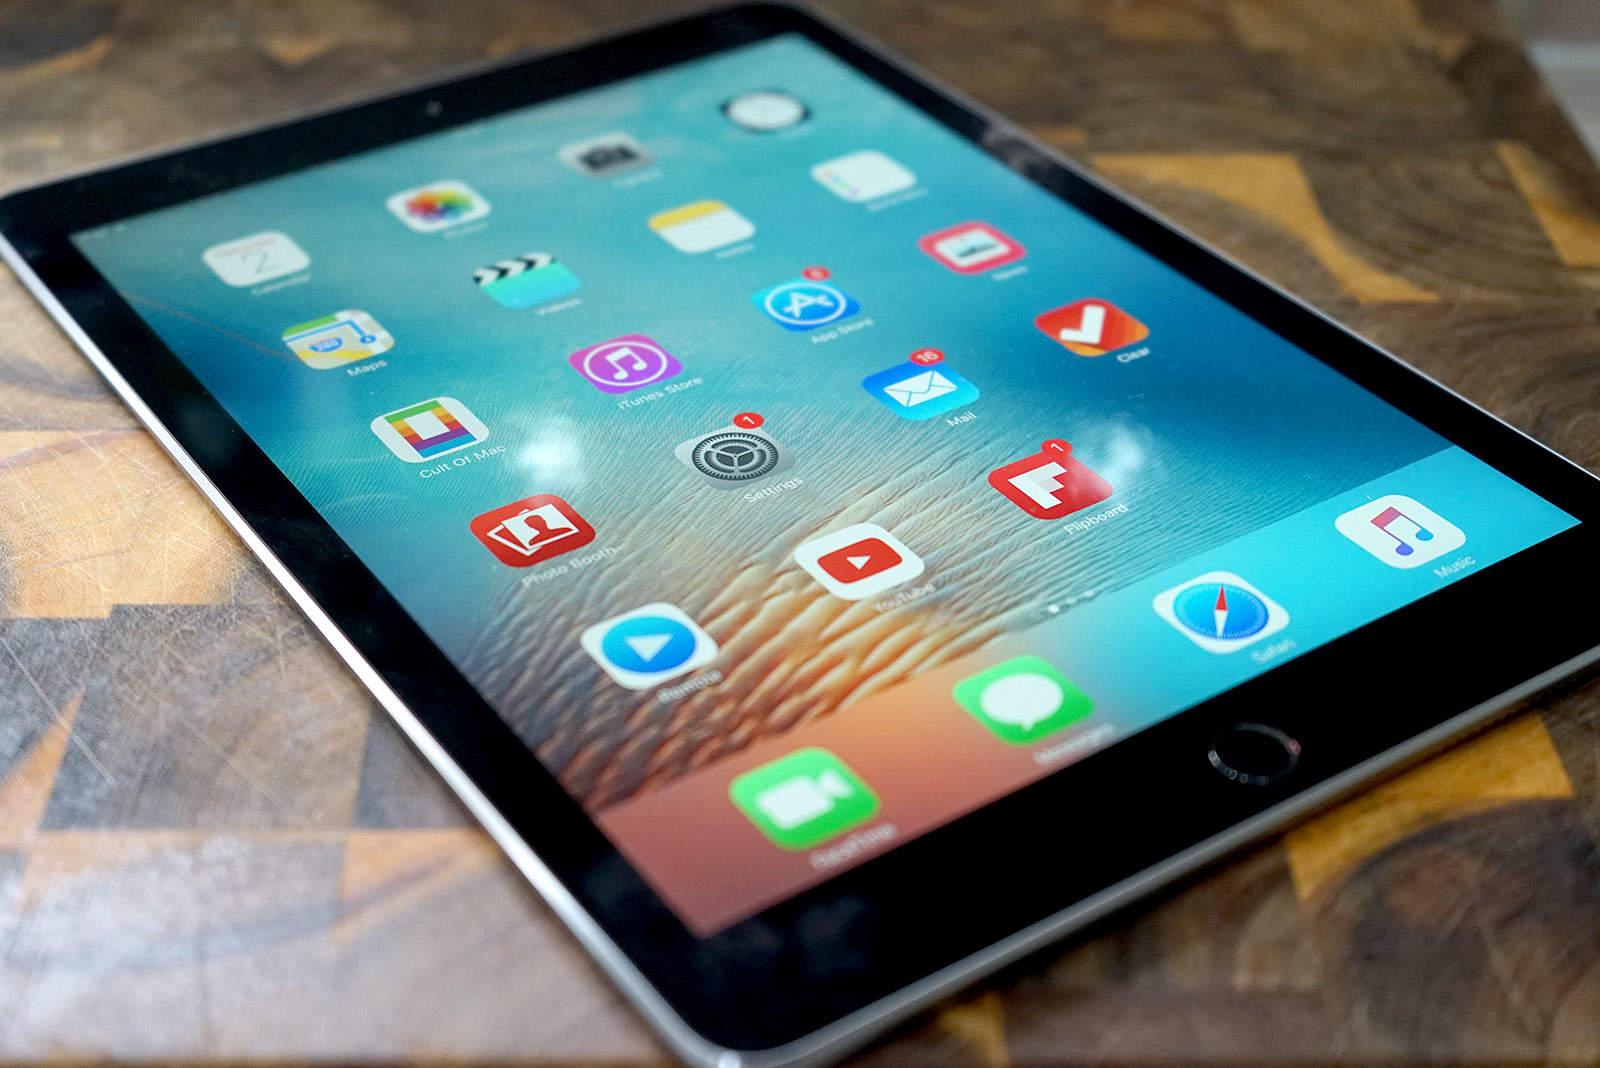 Apple Deals For October 2018 Bundling  Case Macbook Matte Pick Up A 97 Inch Ipad Pro Under 325